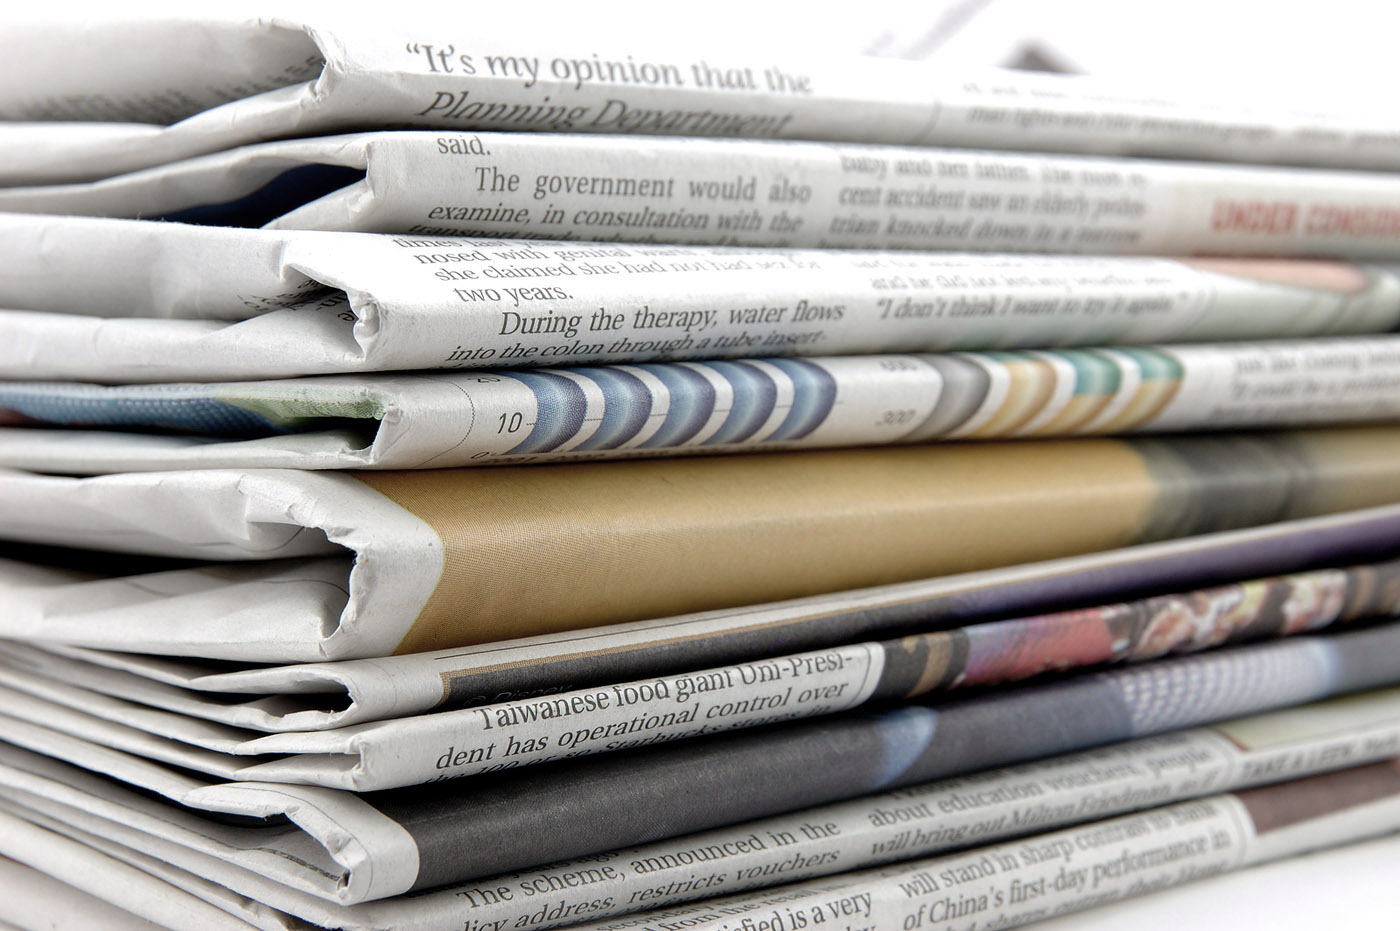 La strage di Parigi impone ai giornalisti maggiore rigore deontologico